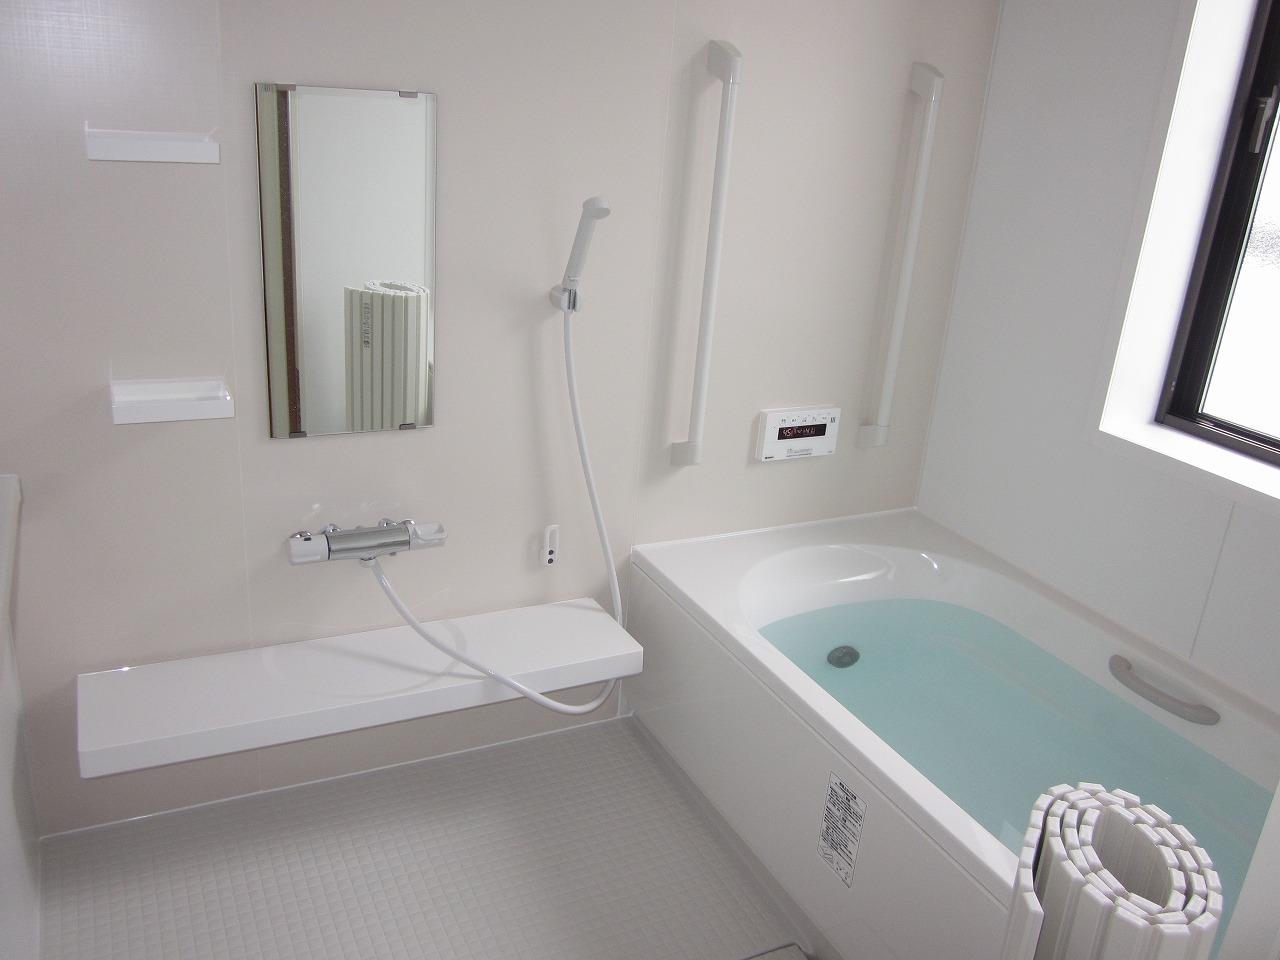 7.風呂場